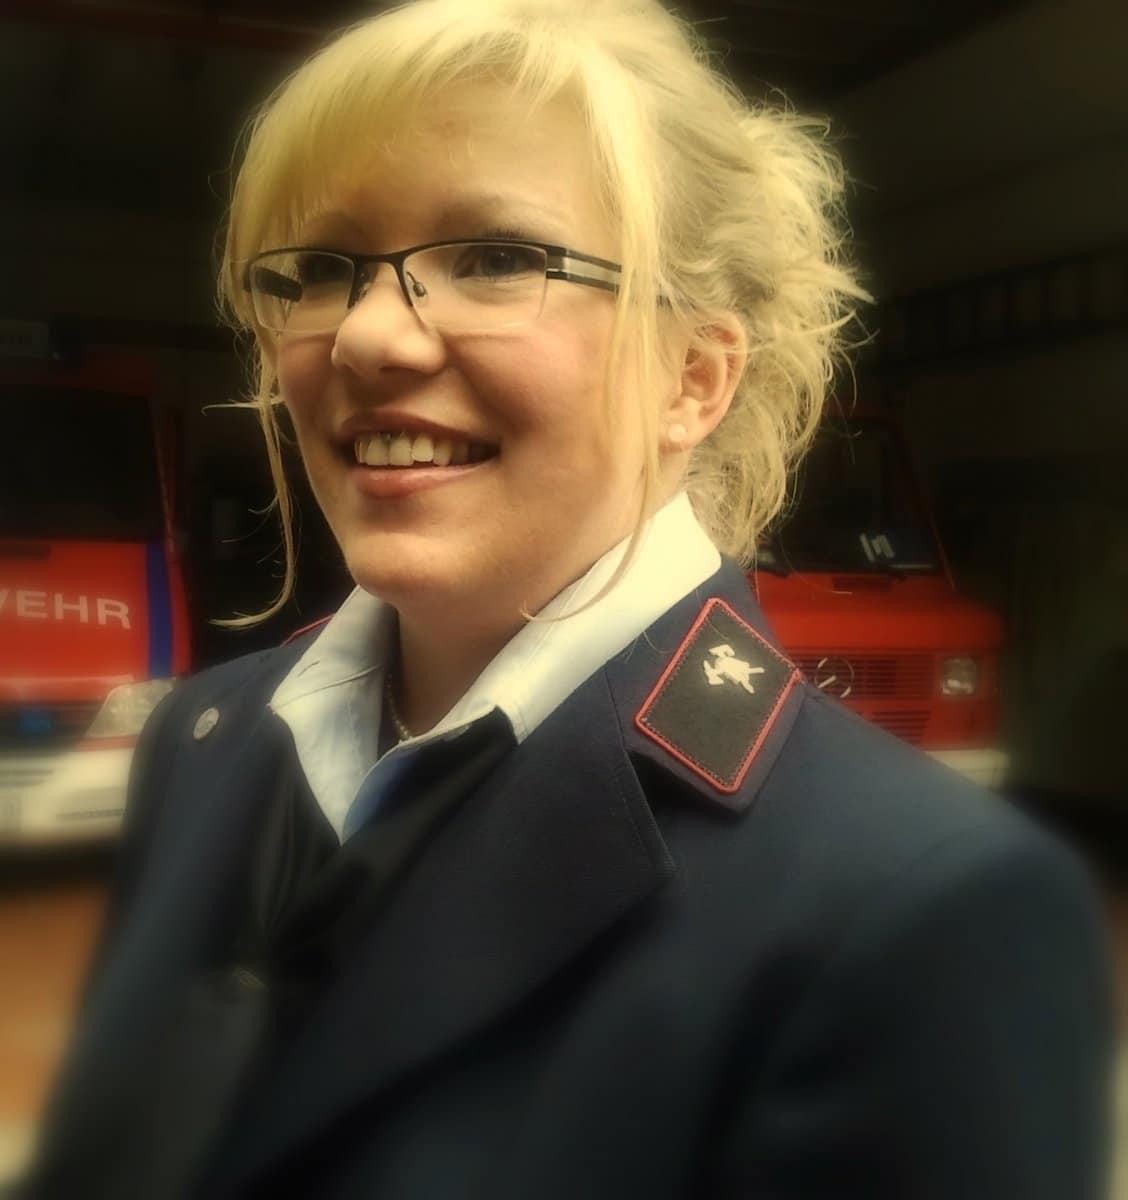 feuerwehr3 - Freiwillige Feuerwehr: Constanzes ehrenamtlicher Mama-Ausgleich -